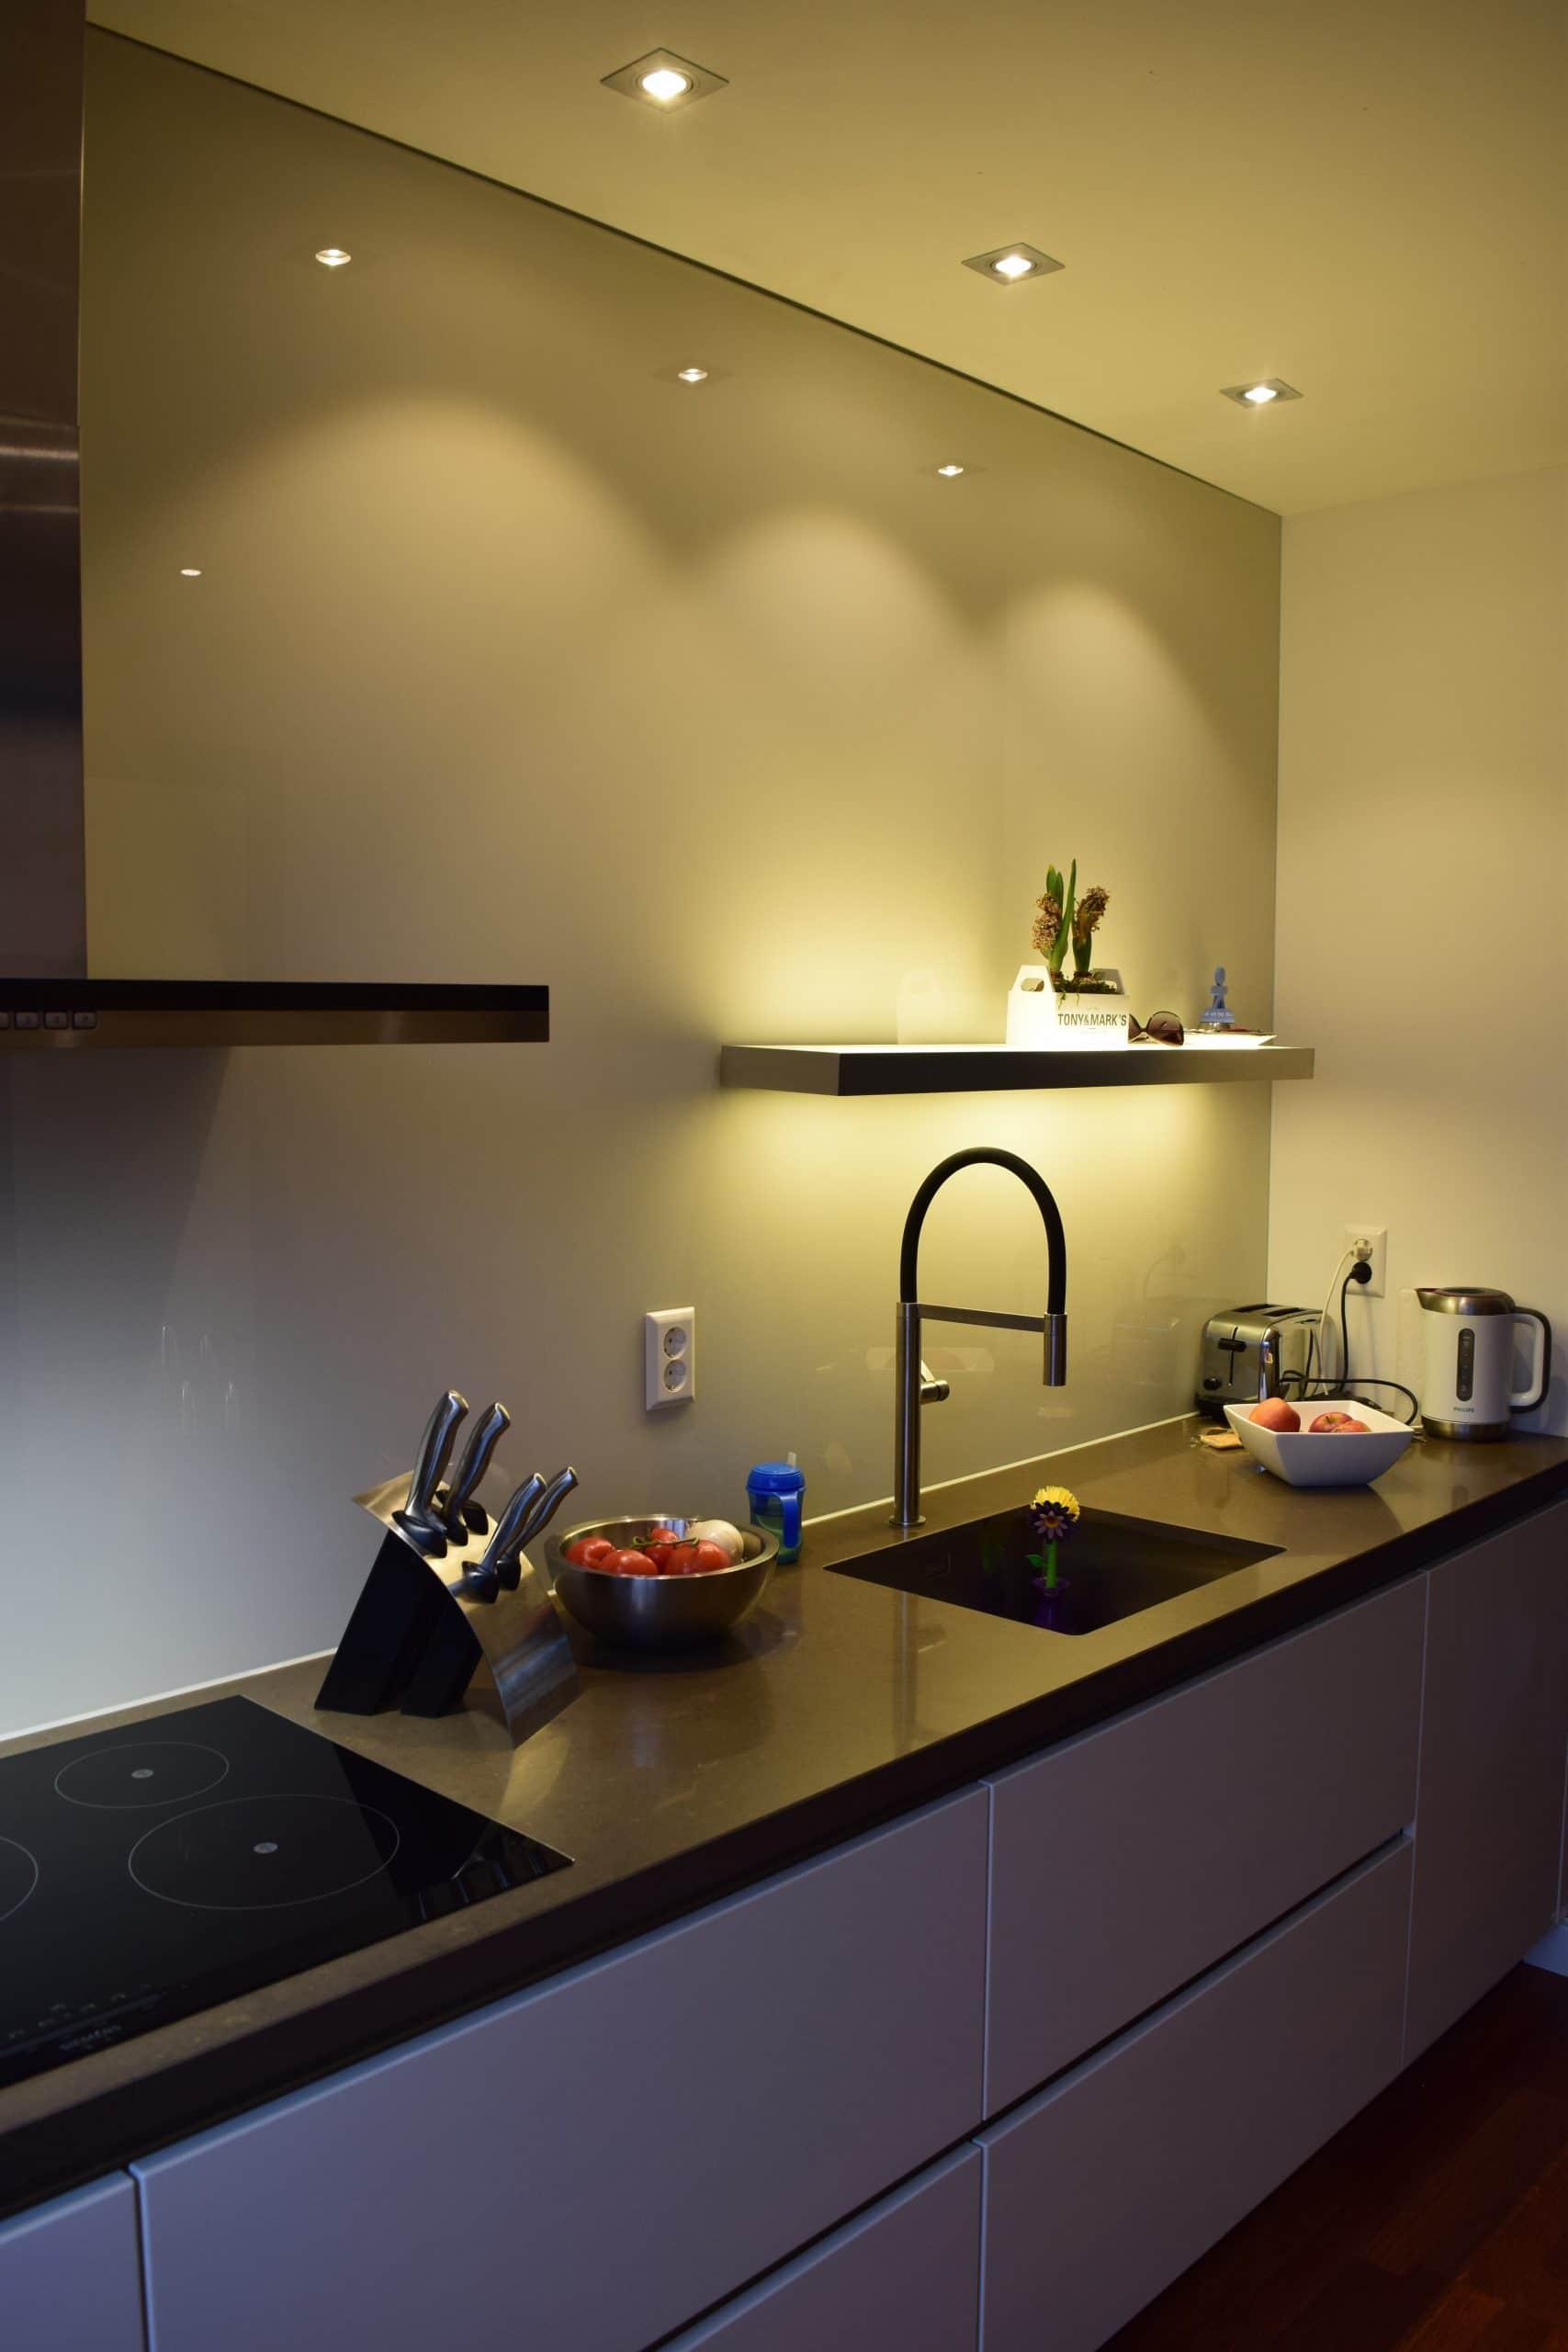 Spatwand achter de kookplaat - UW-keuken.nl | Keuken